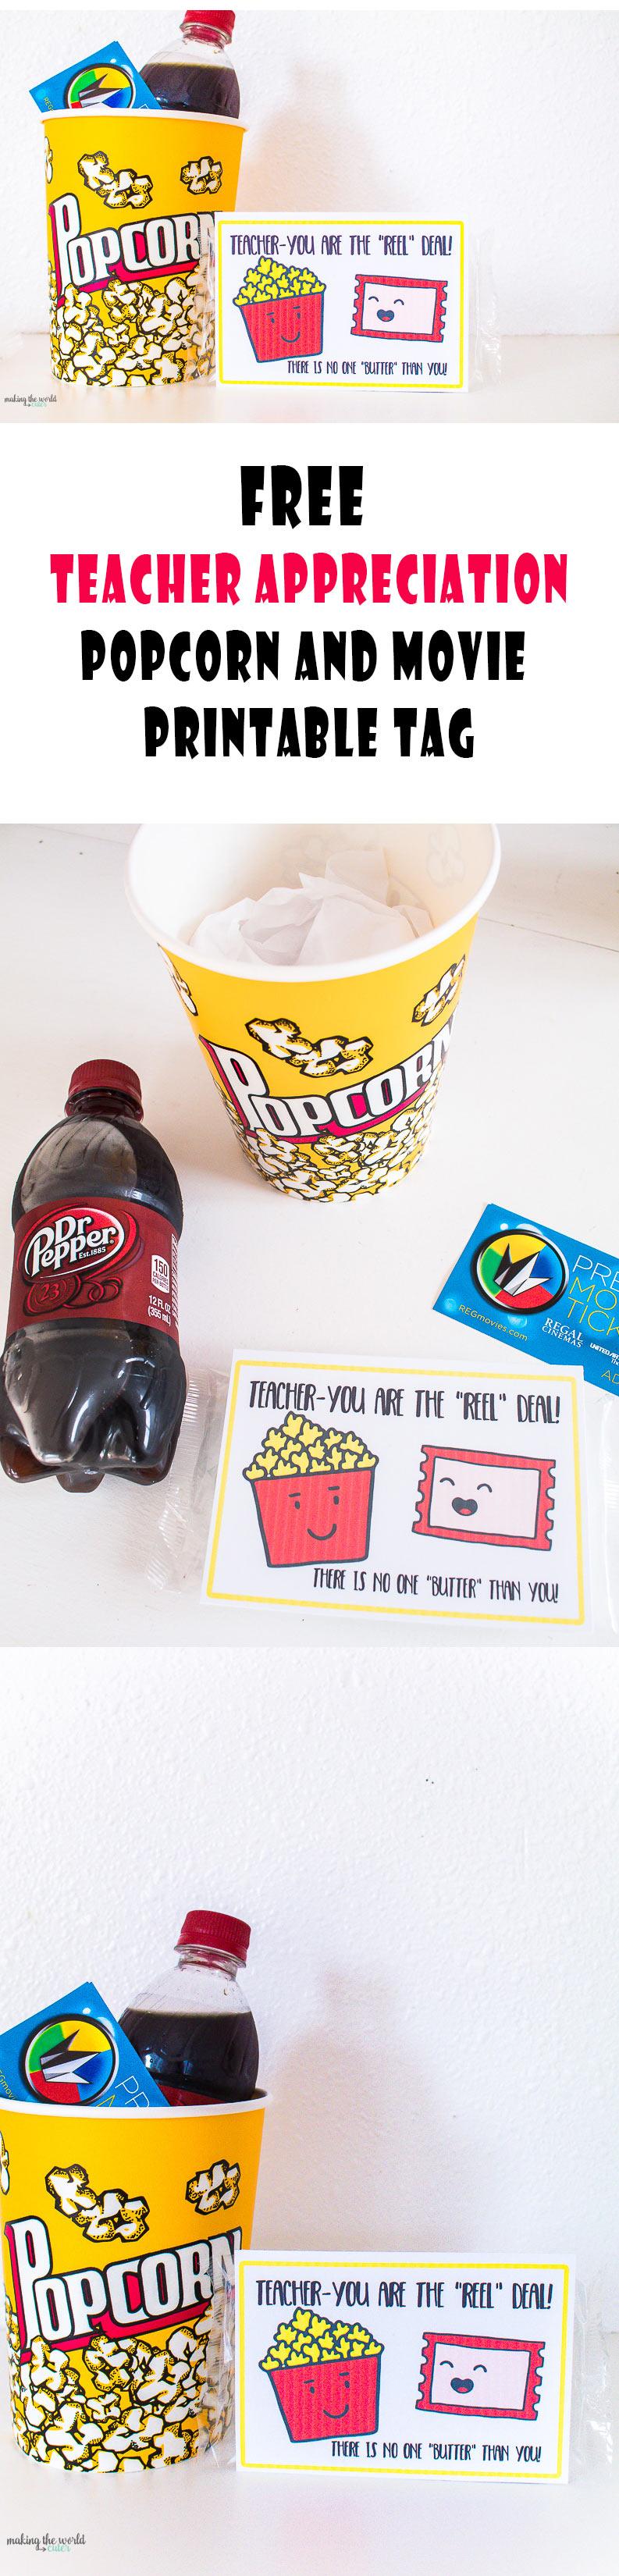 graphic regarding Popcorn Teacher Appreciation Printable called Video Trainer Appreciation Tips No cost Printable Tag